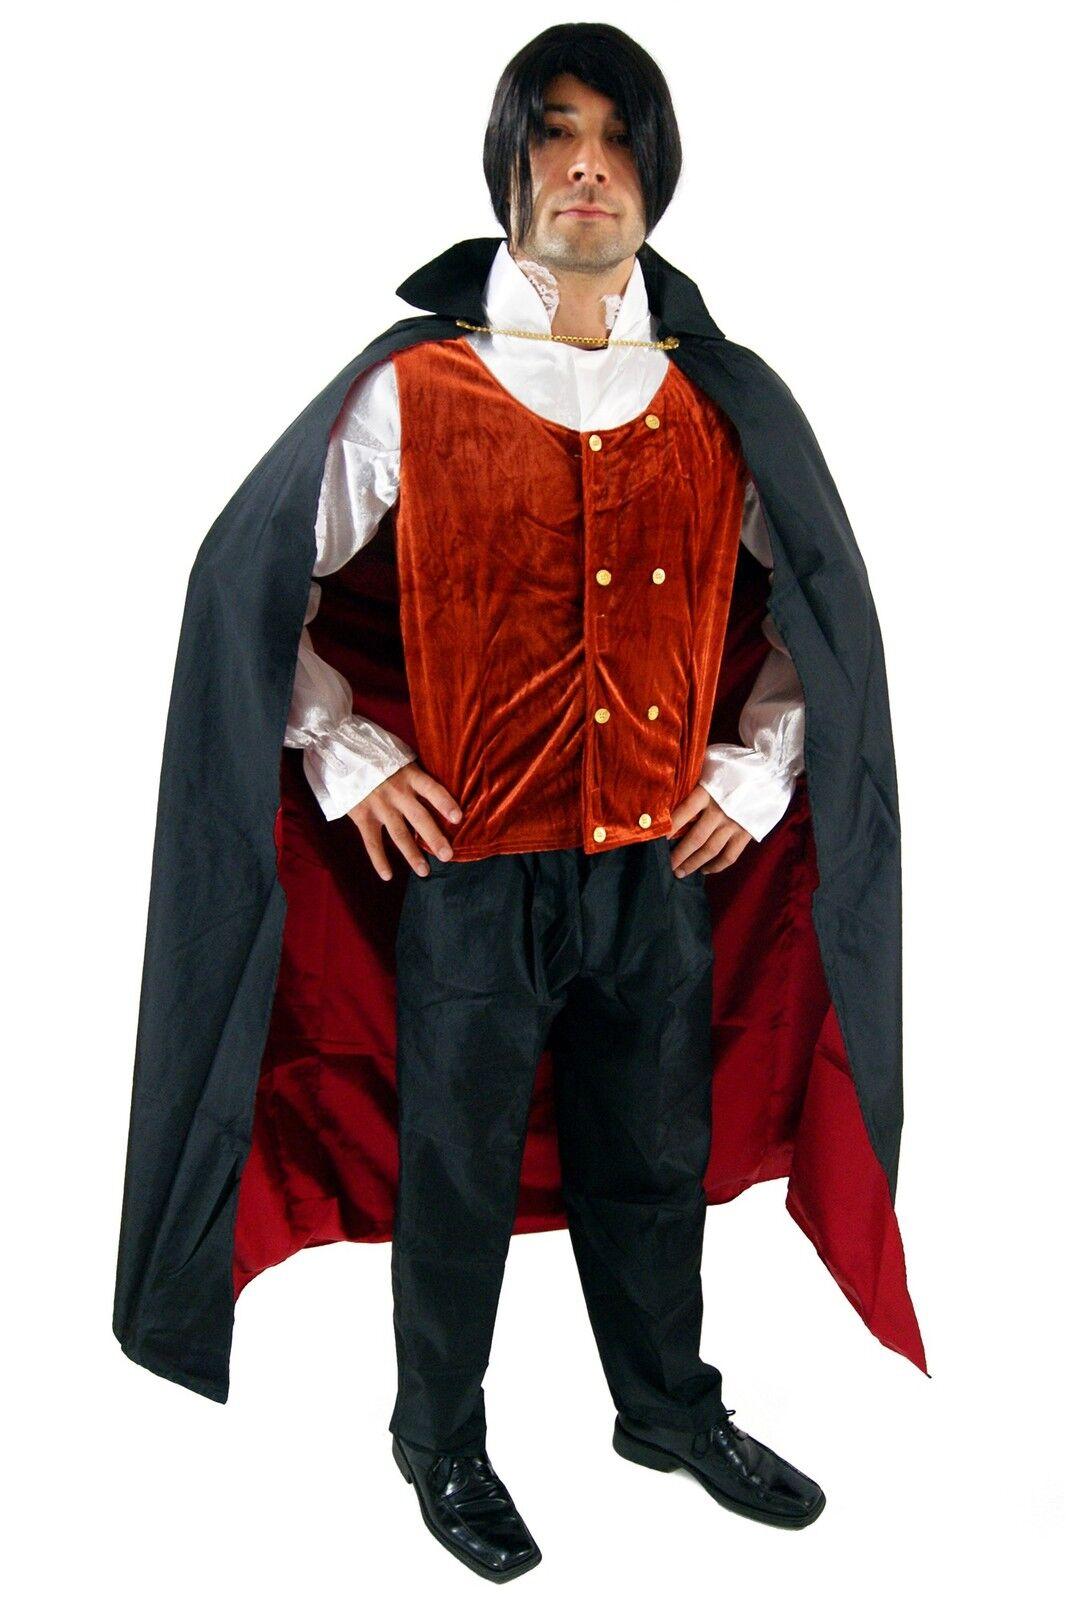 Halloween Kostueme Yatego.Kleidung Accessoires Kostume Verkleidungen Kostum Dracula Vampir Gothic Halloween Herren Transsilvanien Blutsauger K38